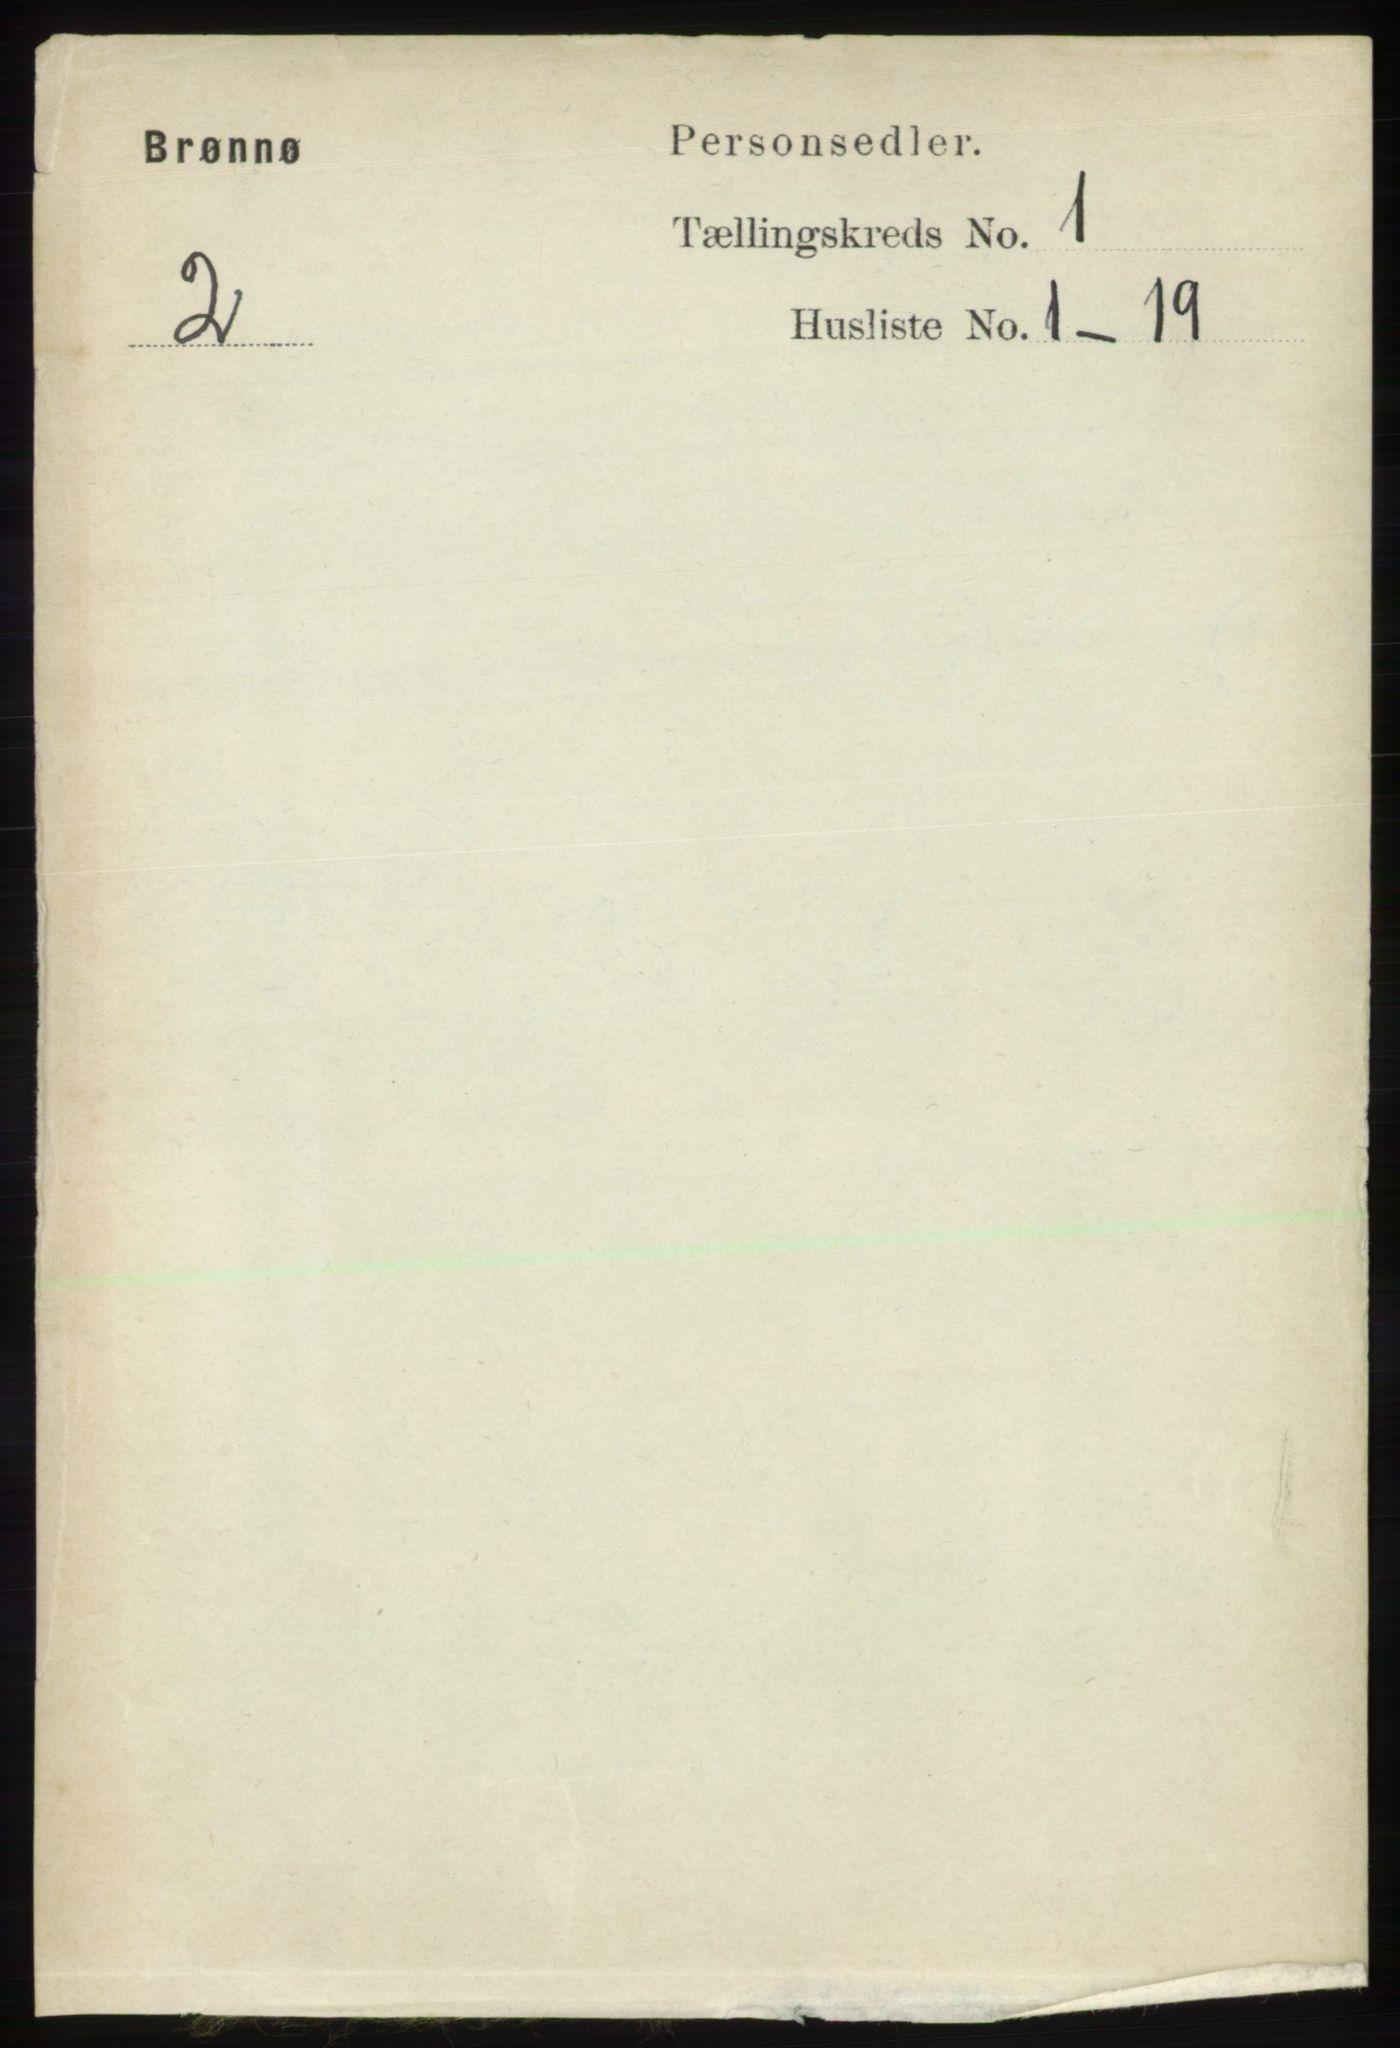 RA, Folketelling 1891 for 1814 Brønnøy herred, 1891, s. 131